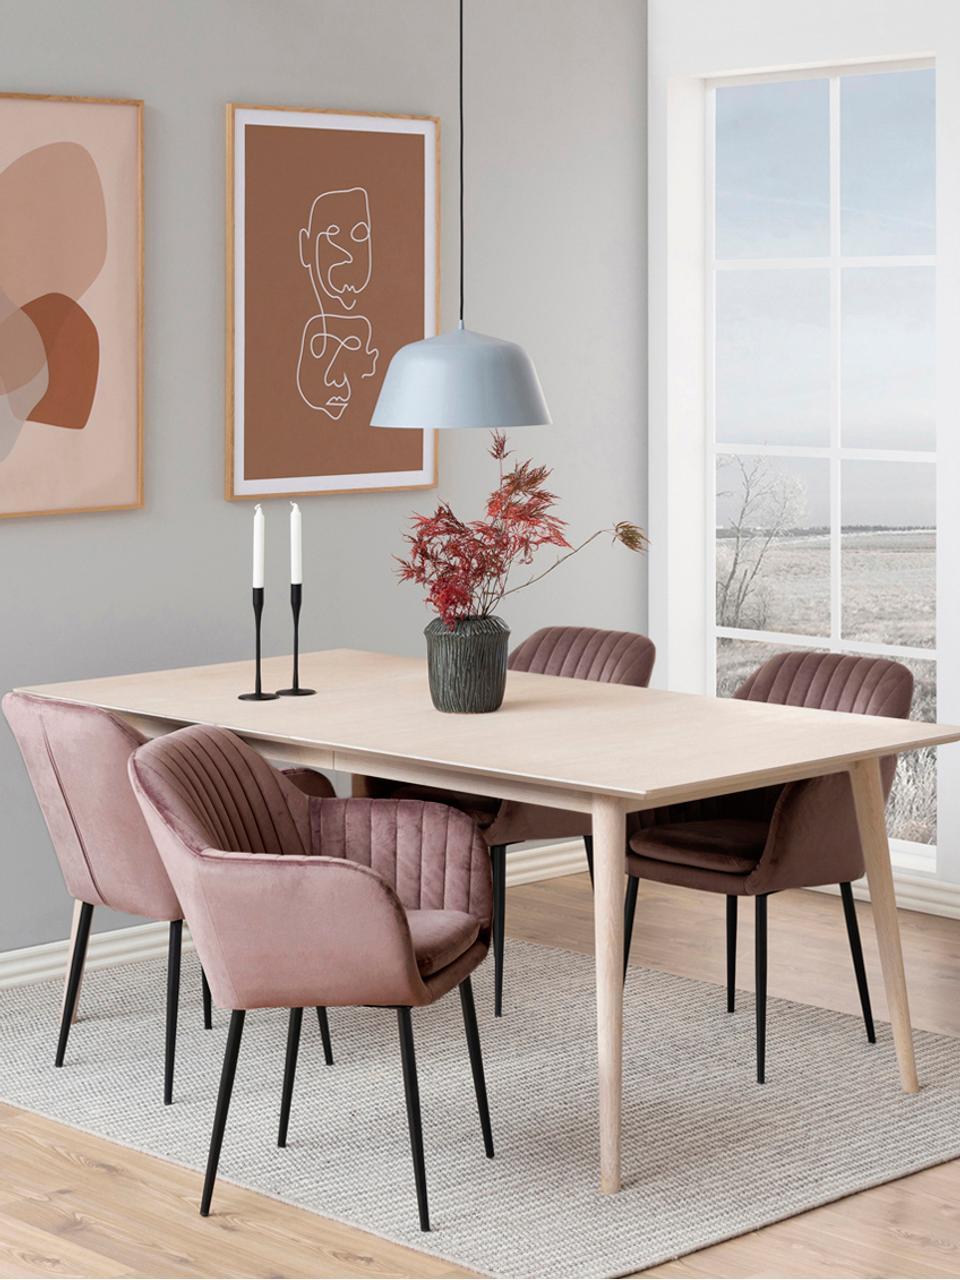 Fluwelen armstoel Emilia, Bekleding: polyester fluweel, Poten: gelakt metaal, Roze, zwart, B 57 x D 59 cm